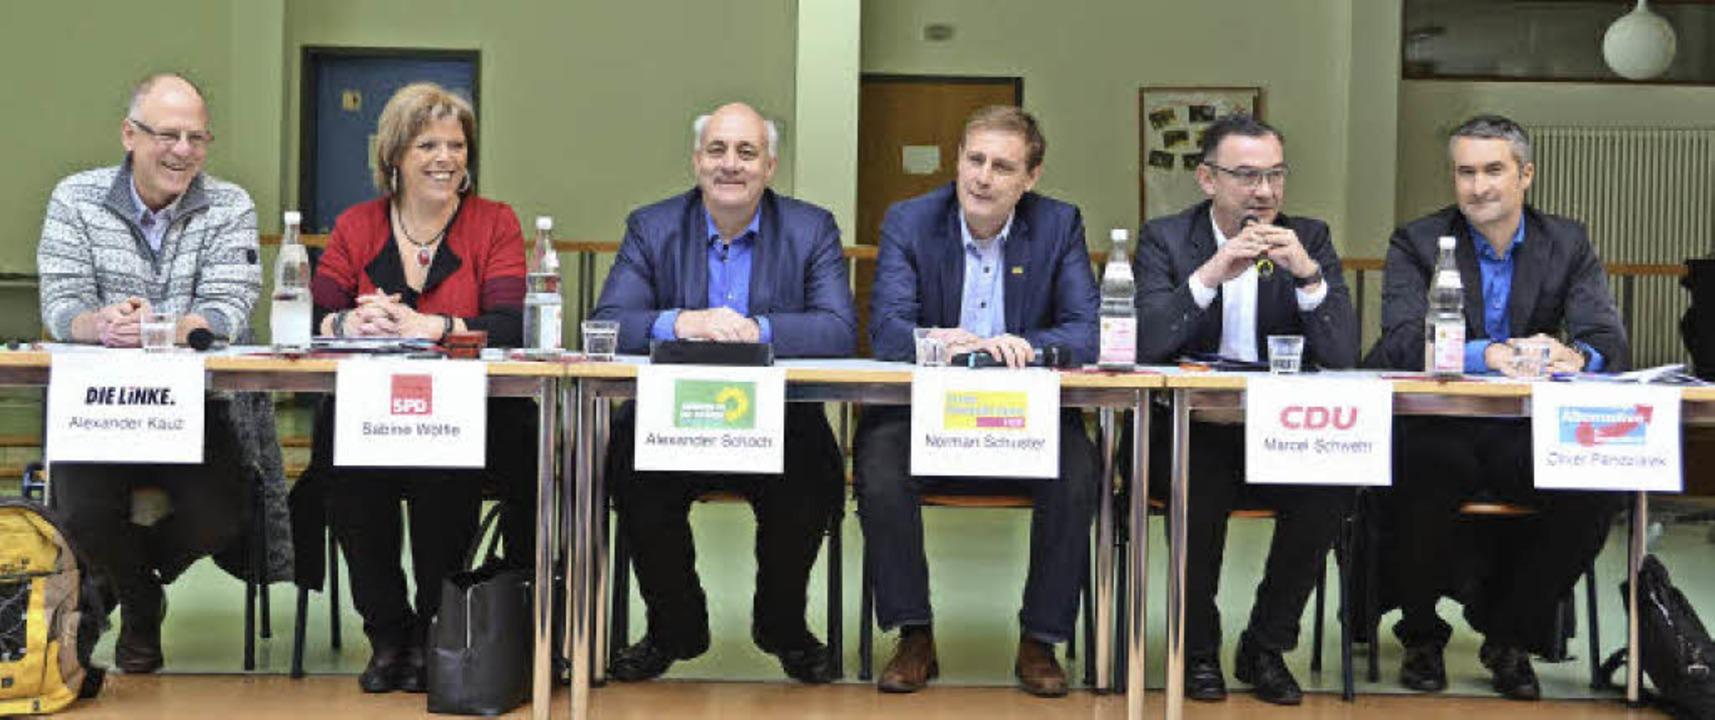 Die Kandidaten zur Landtagswahl auf dem Podium im Geschwister-Scholl-Gymnasium.  | Foto: Fotos: sylvia Sredniawa